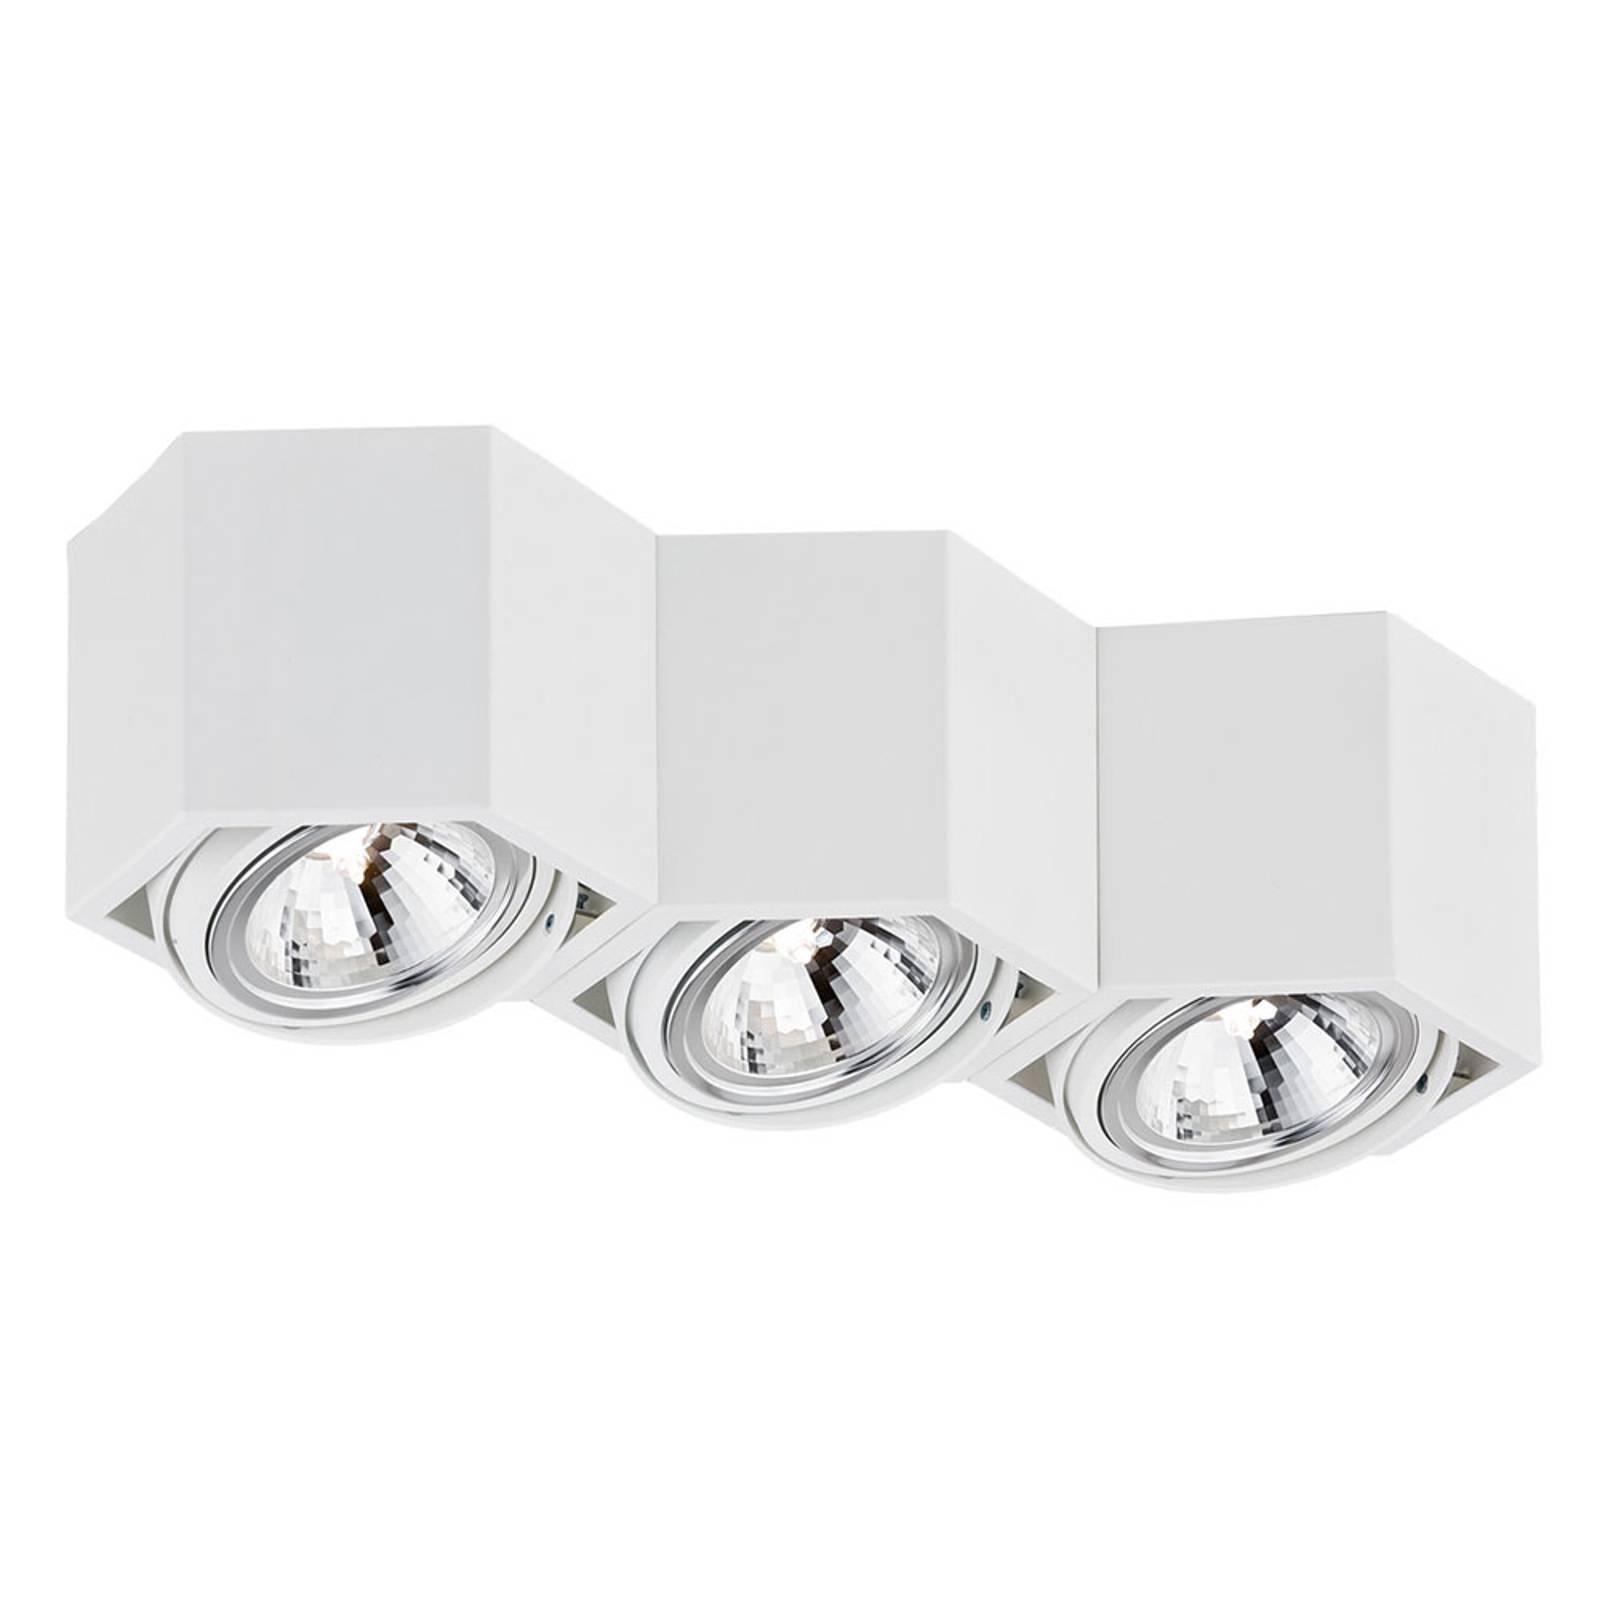 Plafonnier spot Elvas orientable à 3 lampes, blanc